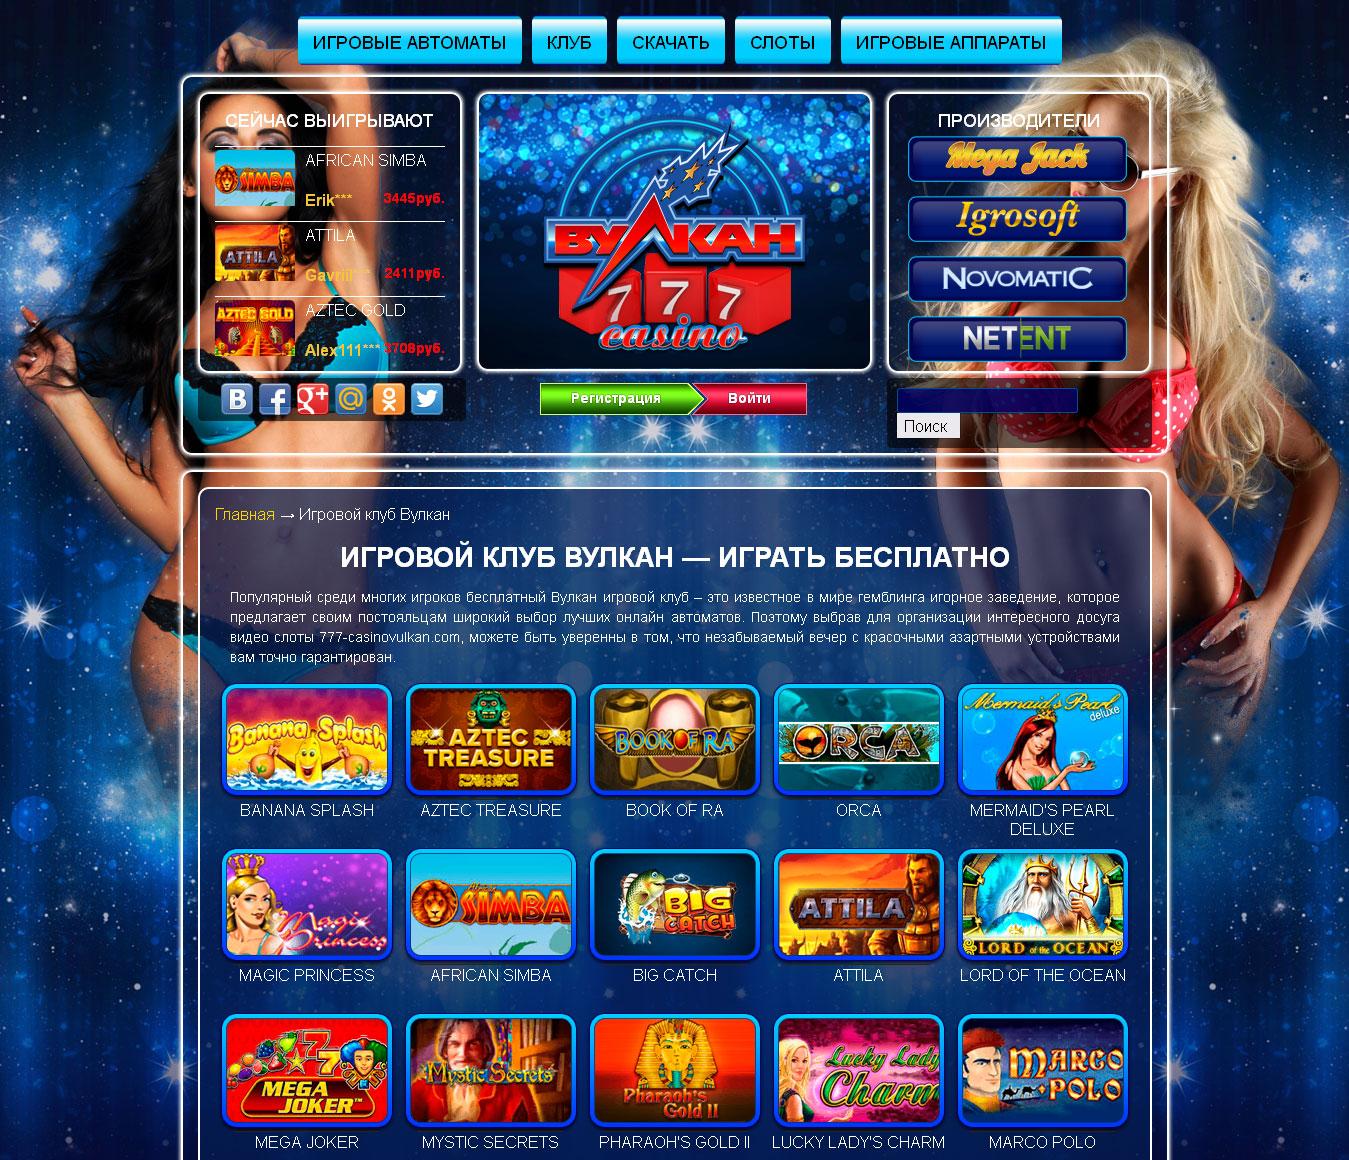 Виртуальный счет оказавшись внутри эльдорадо игровые автоматы играть бесплатно flash скачать игры слот автоматы играть сейчас бесплатно без регистрации